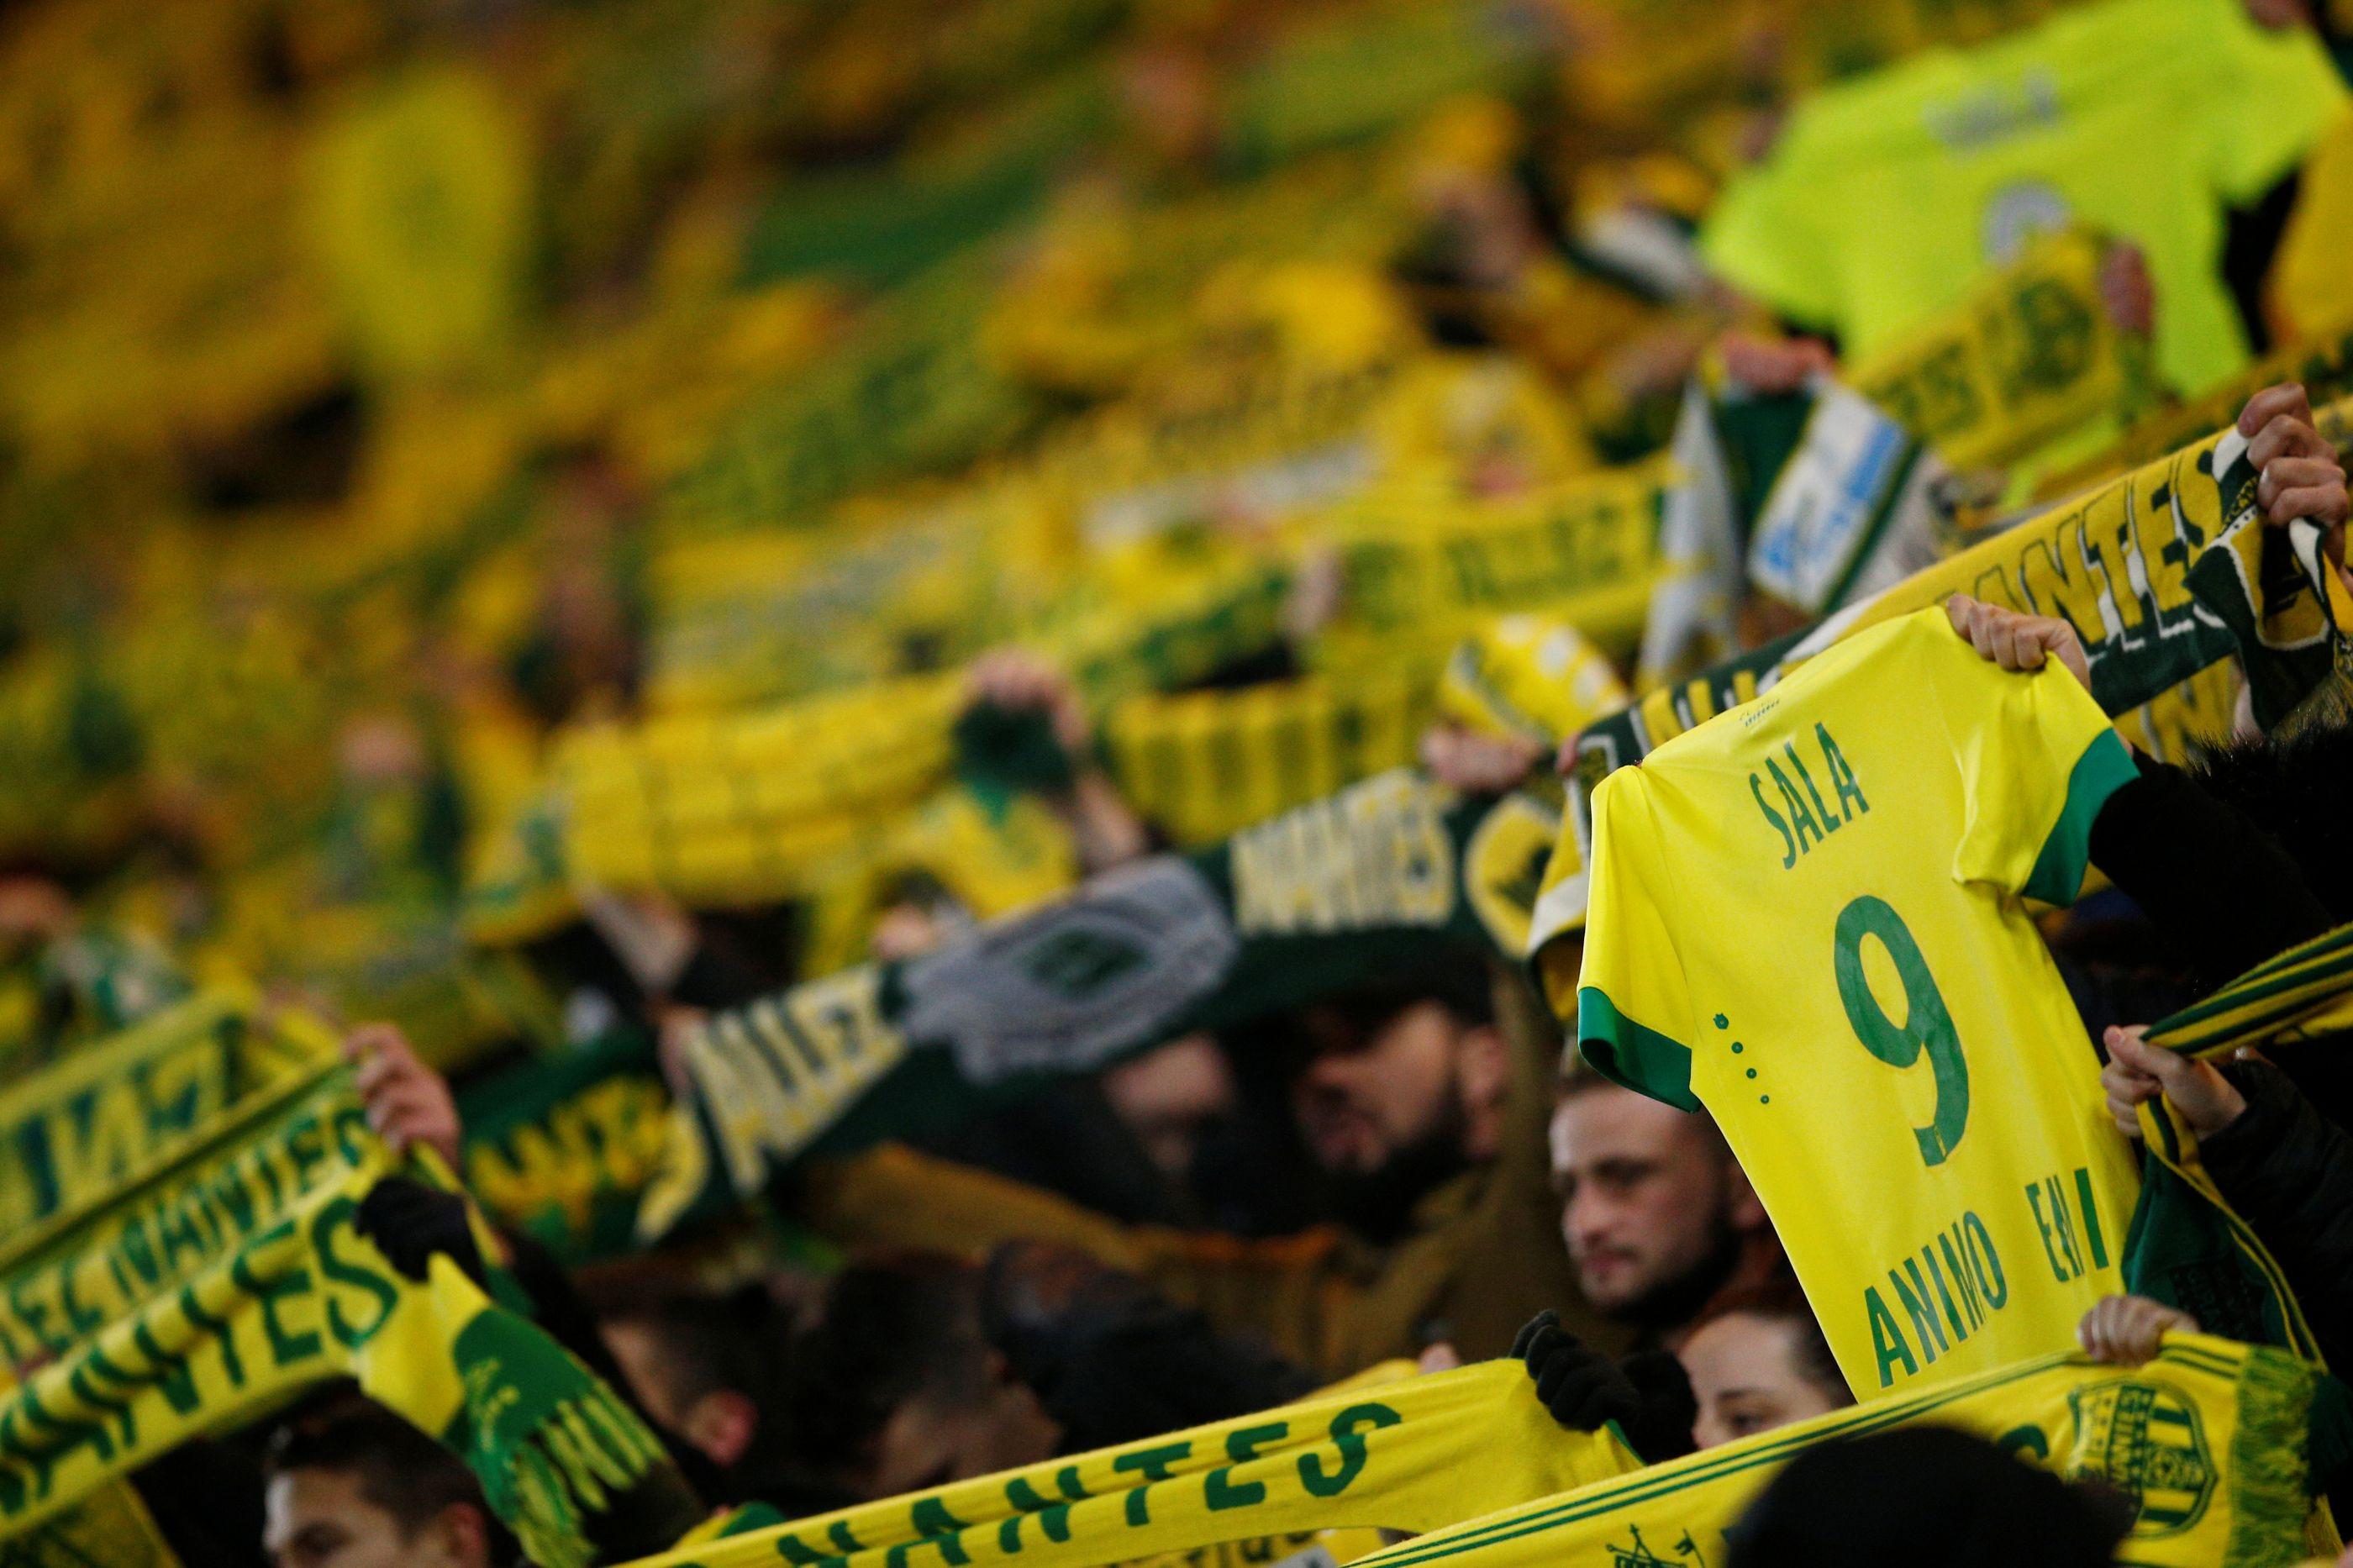 Nantes estipula preço especial para o próximo jogo em homenagem a Sala